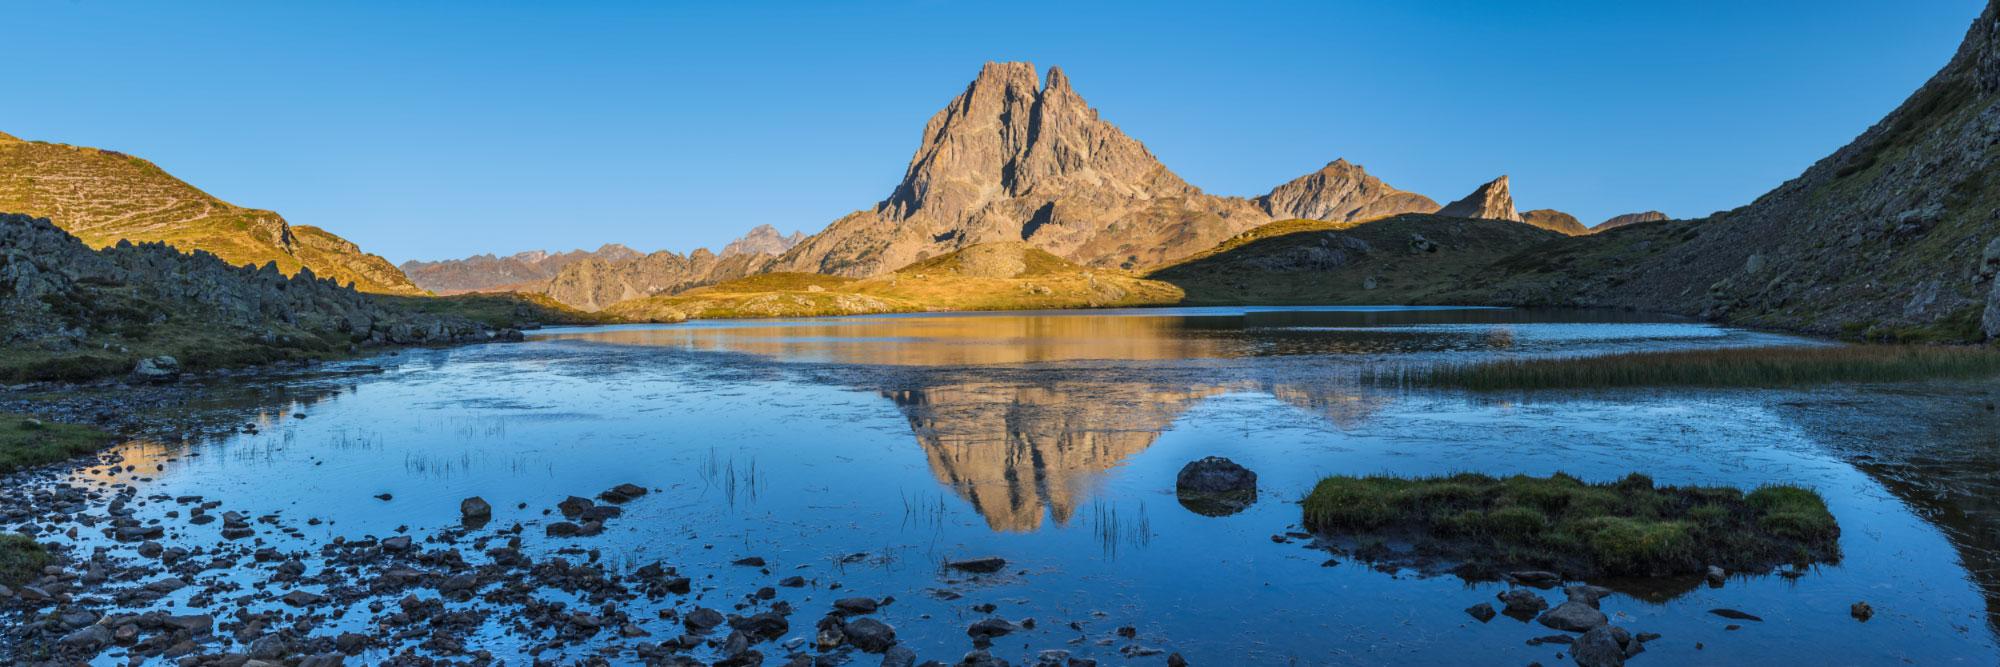 Reflet du Pic du Midi d'Ossau dans le lac Miey